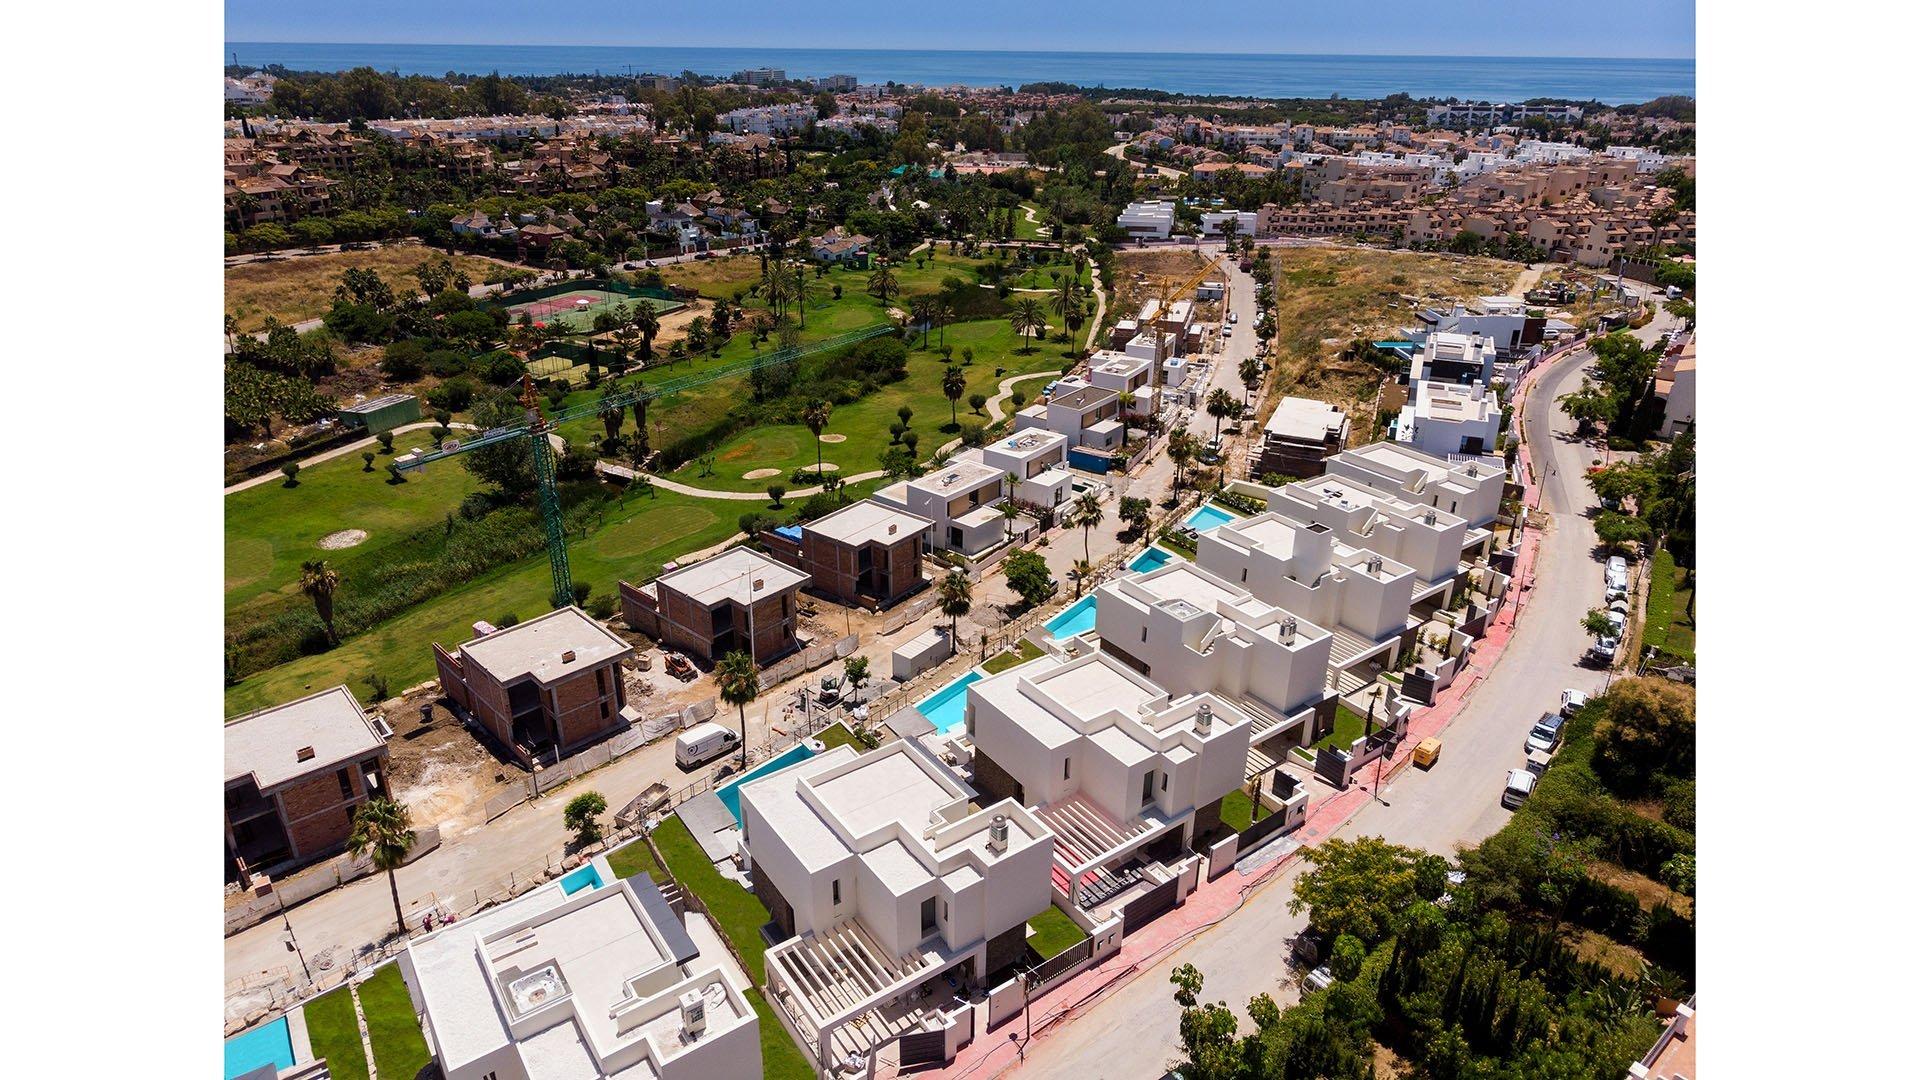 Belfry: Scherp geprijsde villa's op een begeerde locatie